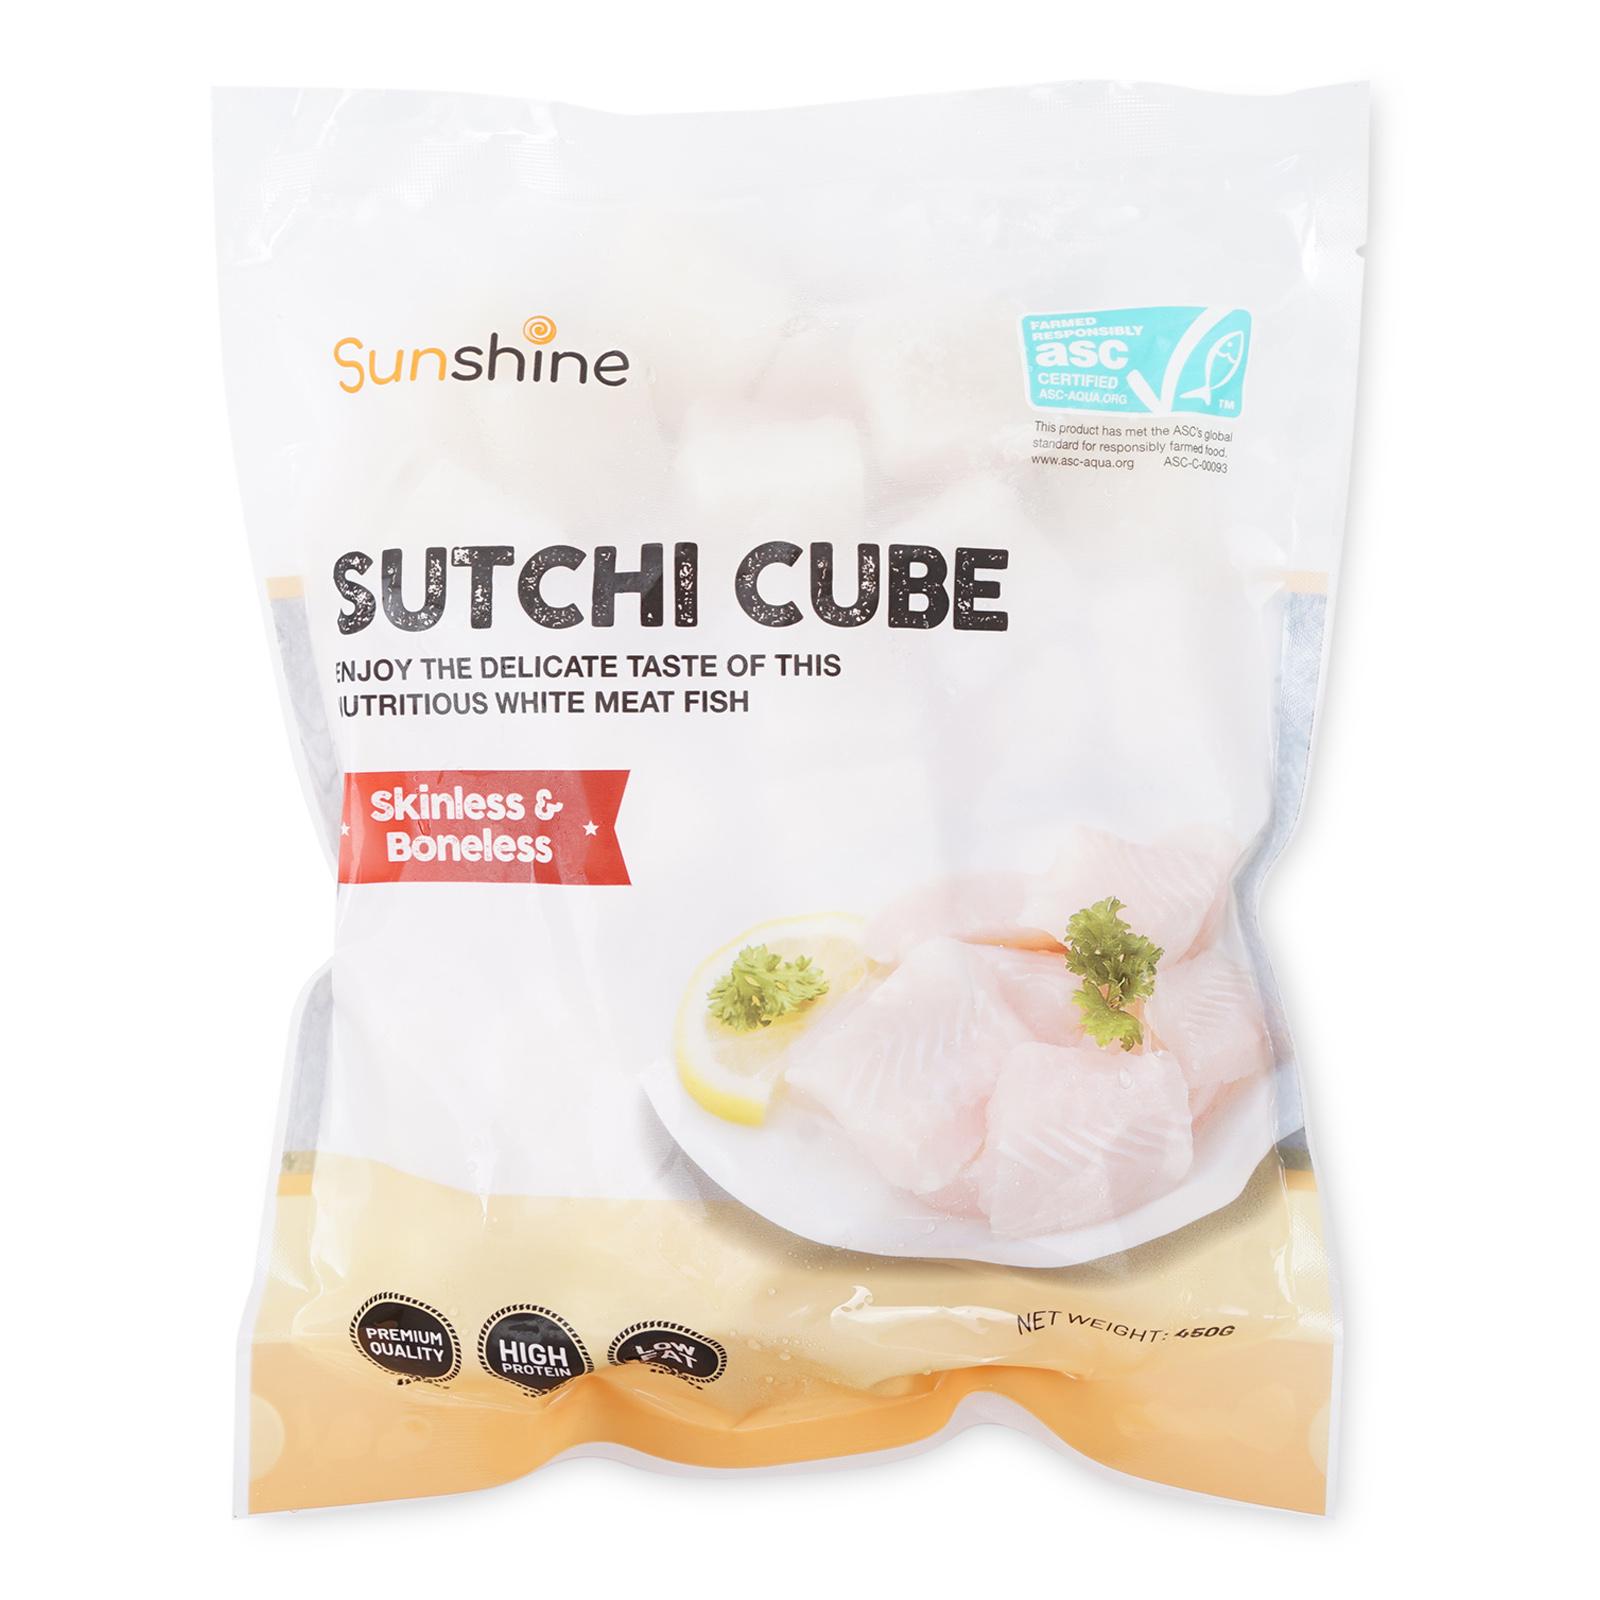 Sutchi Cube